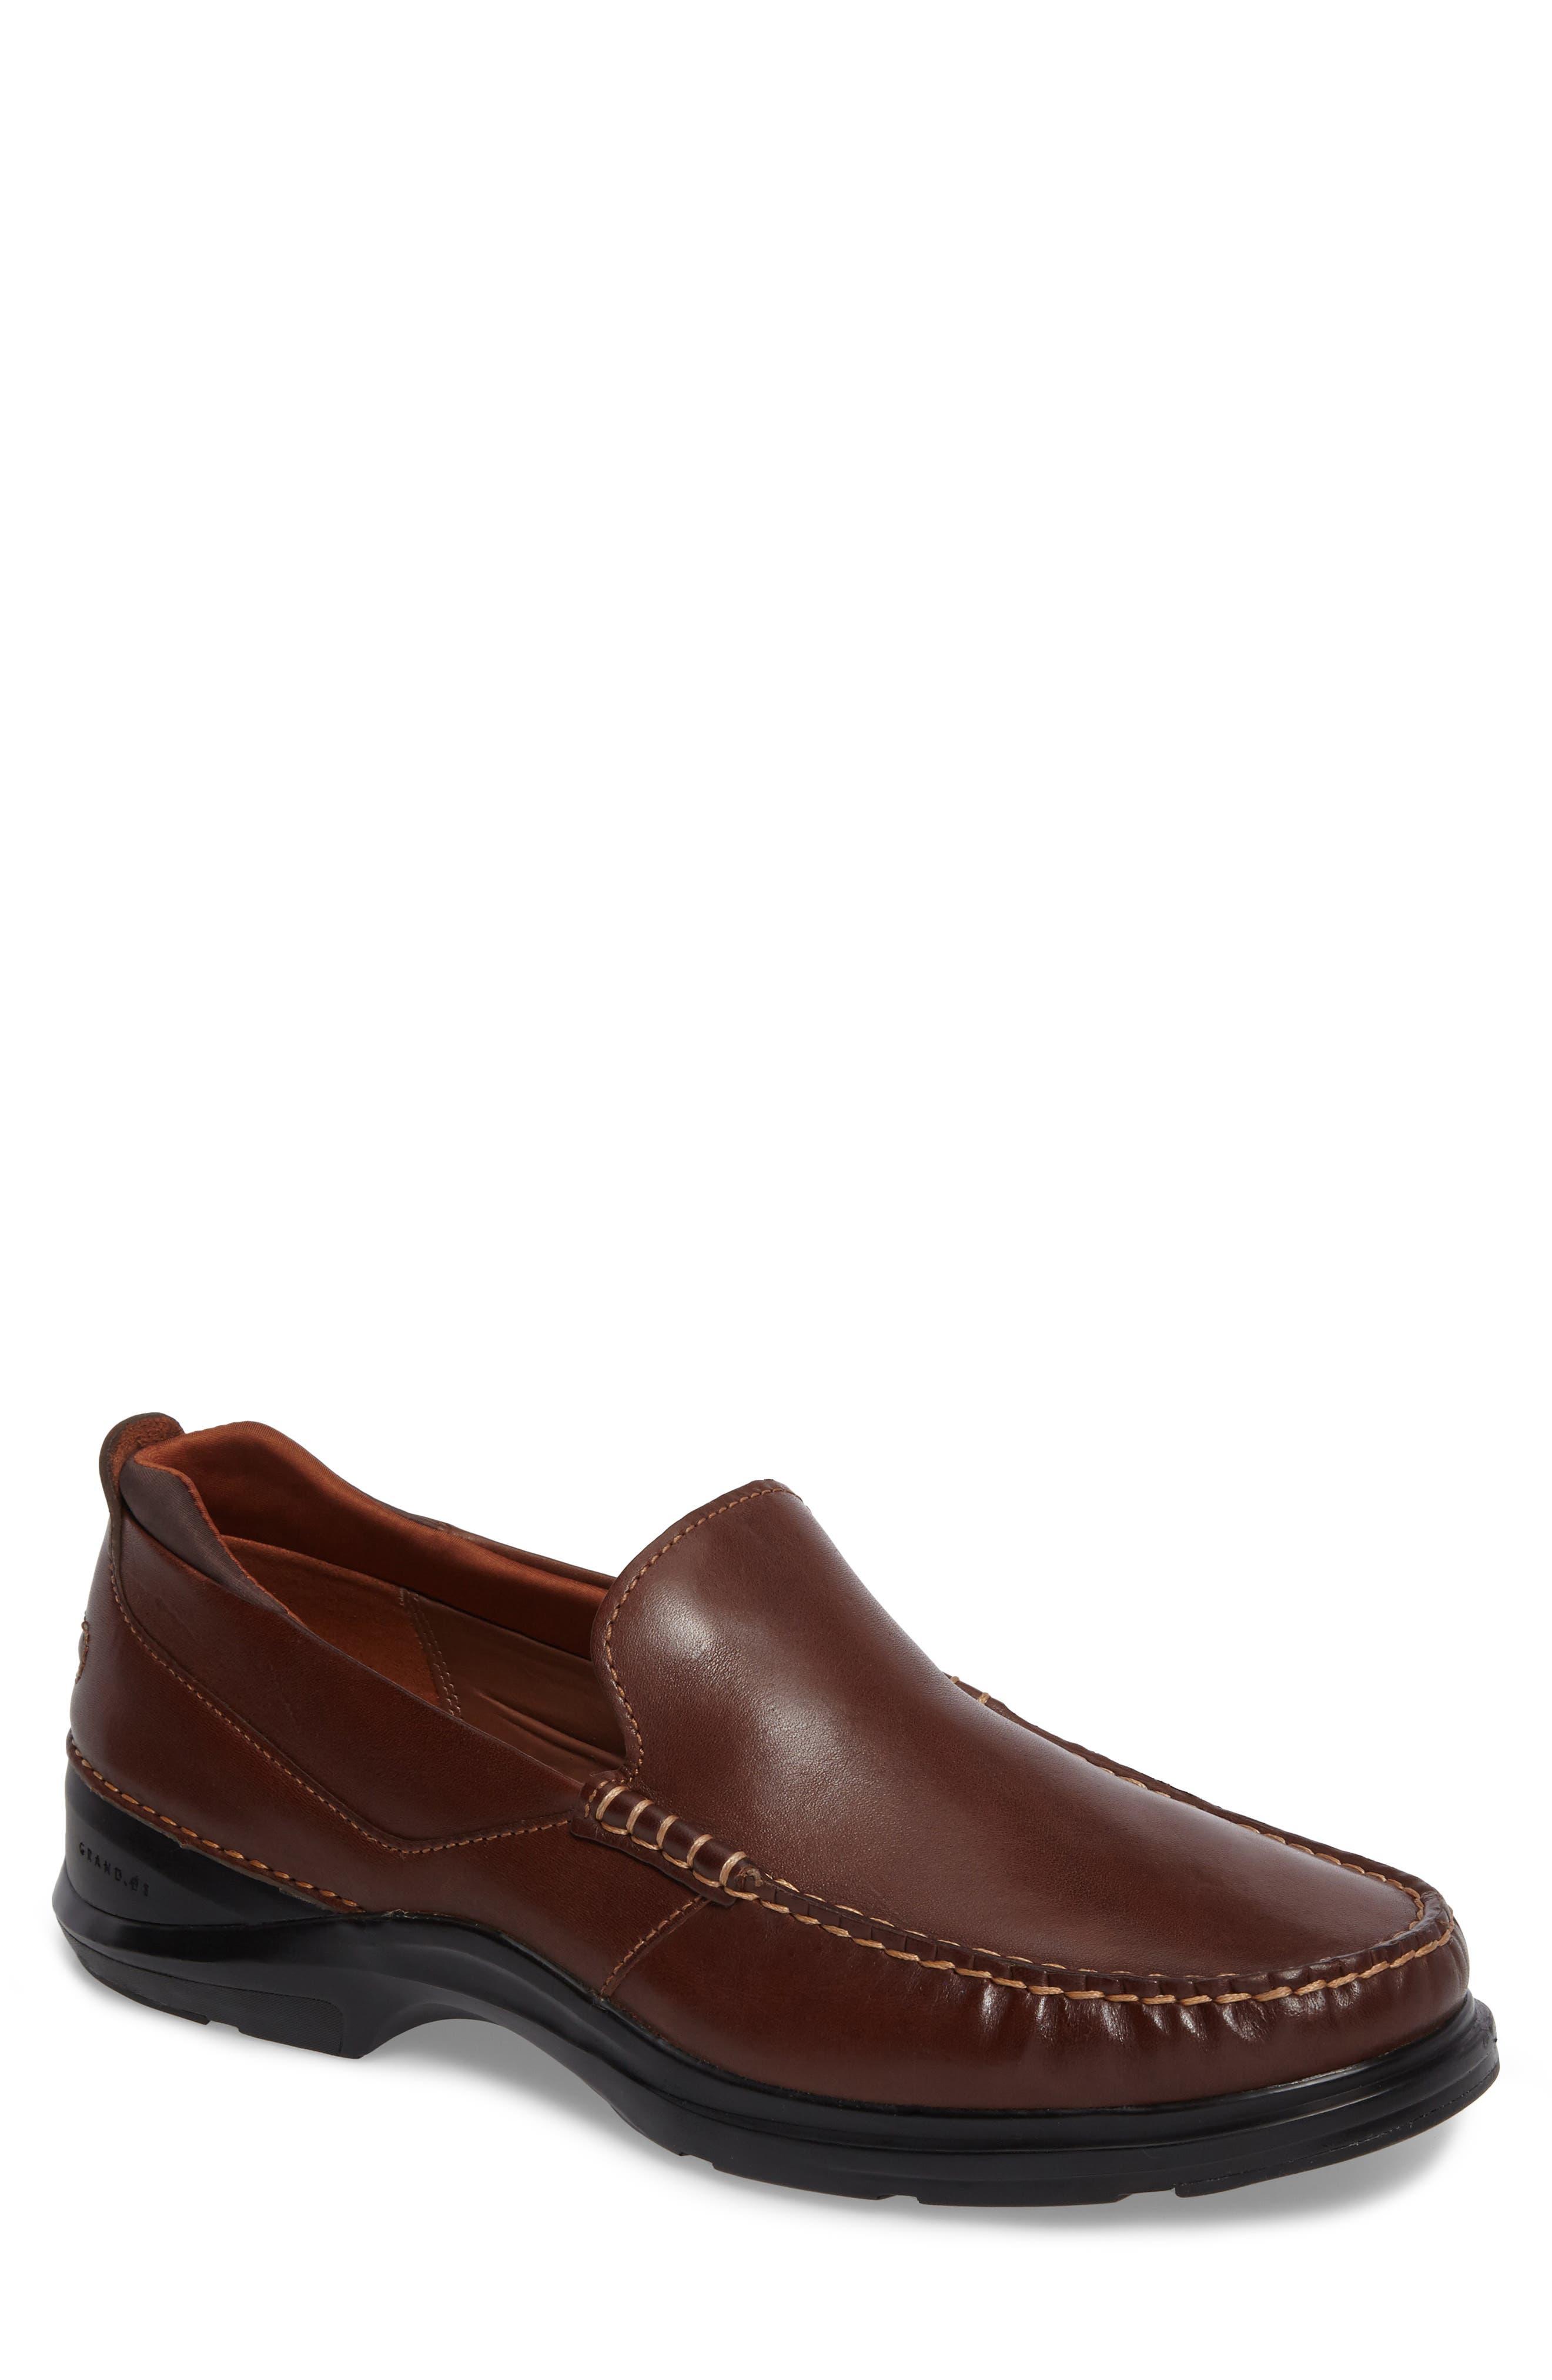 Bancroft Loafer,                         Main,                         color, Harvest Brown Leather